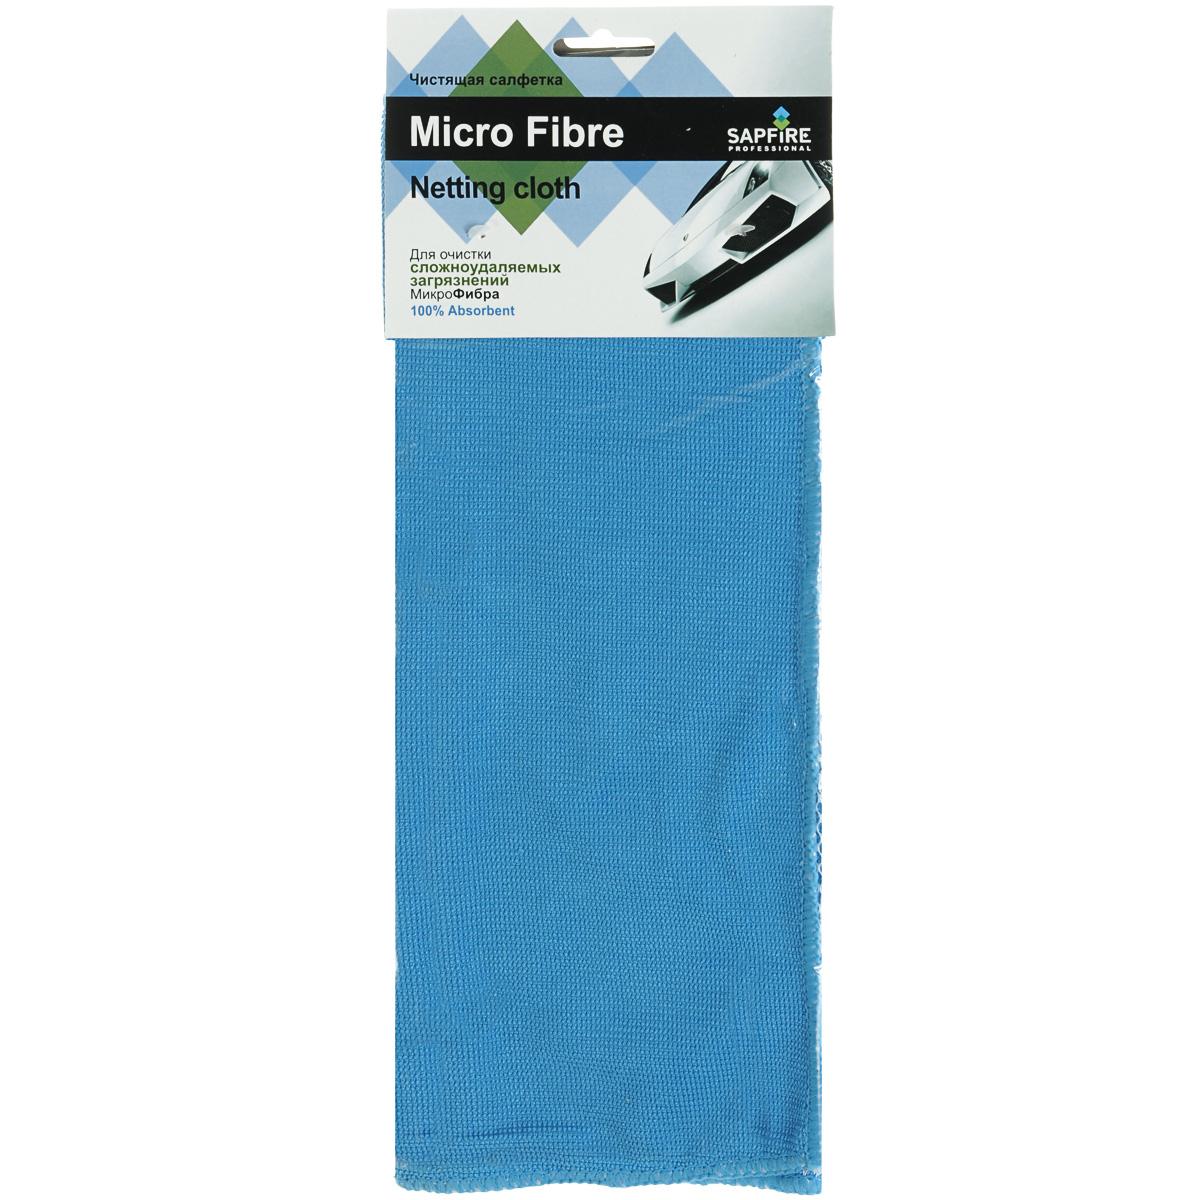 Салфетка чистящая для мытья и полировки автомобиля Sapfire Netting Cloth, цвет: голубой, 35 х 35 смRC-100BPCСалфетка Sapfire Netting cloth выполнена из высококачественного полиэстера и полиамида. С одной стороны салфетка покрыта сеткой. Благодаря своей сетчатой структуре она эффективно удаляет с твердых поверхностей грязь, следы засохших насекомых.Микрофибровое полотно удаляет грязь с поверхности намного эффективнее, быстрее и значительно более бережно в сравнении с обычной тканью, что существенно снижает время на проведение уборки, поскольку отсутствует необходимость протирать одно и то же место дважды. Использовать салфетку можно для чистки как наружных, так и внутренних поверхностей автомобиля. Используя подобную мягкую ткань, можно проникнуть даже в самые труднодоступные места и эффективно очистить от пыли и бактерий все поверхности. Микрофибра устойчива к истиранию, ее можно быстро вернуть к первоначальному виду с помощью машинной стирки при малом количестве моющих средств. Приобретая микрофибровые изделия для чистки автомобиля, каждый владелец сможет обеспечить достойный уход за любимым транспортным средством. Состав: 80% полиэстер, 20% полиамид.Размер: 35 см х 35 см.